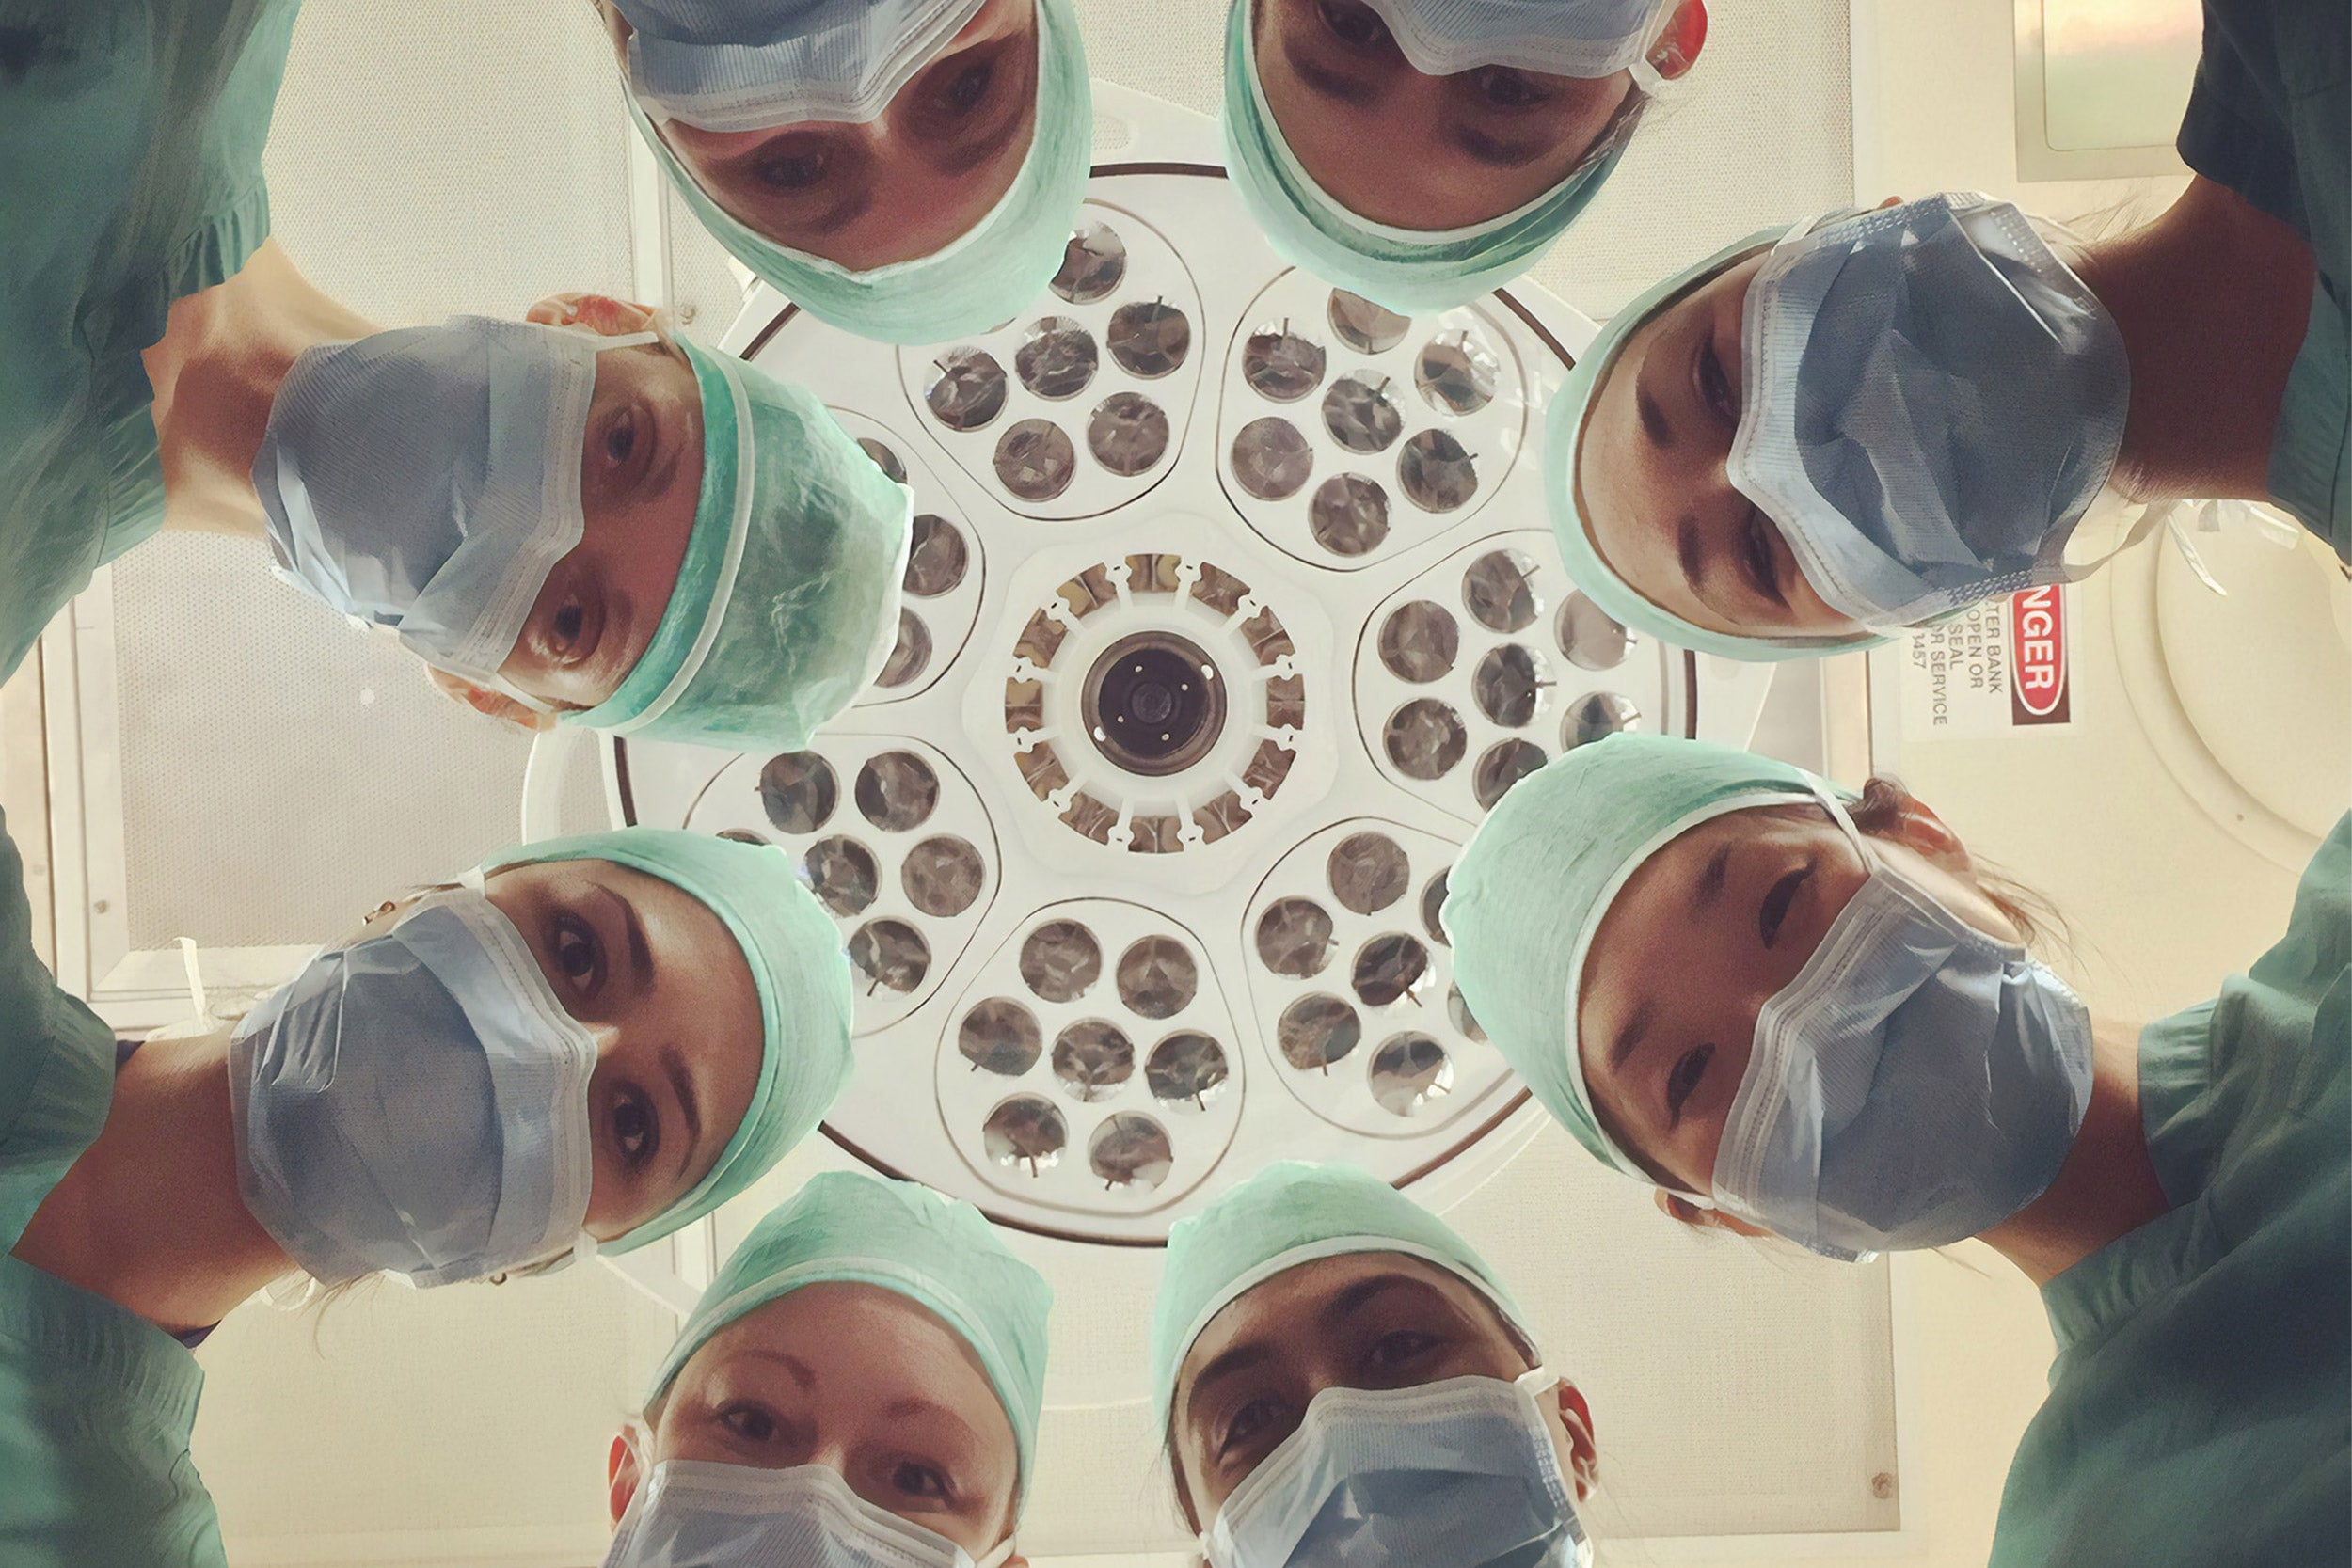 Medical people in masks.